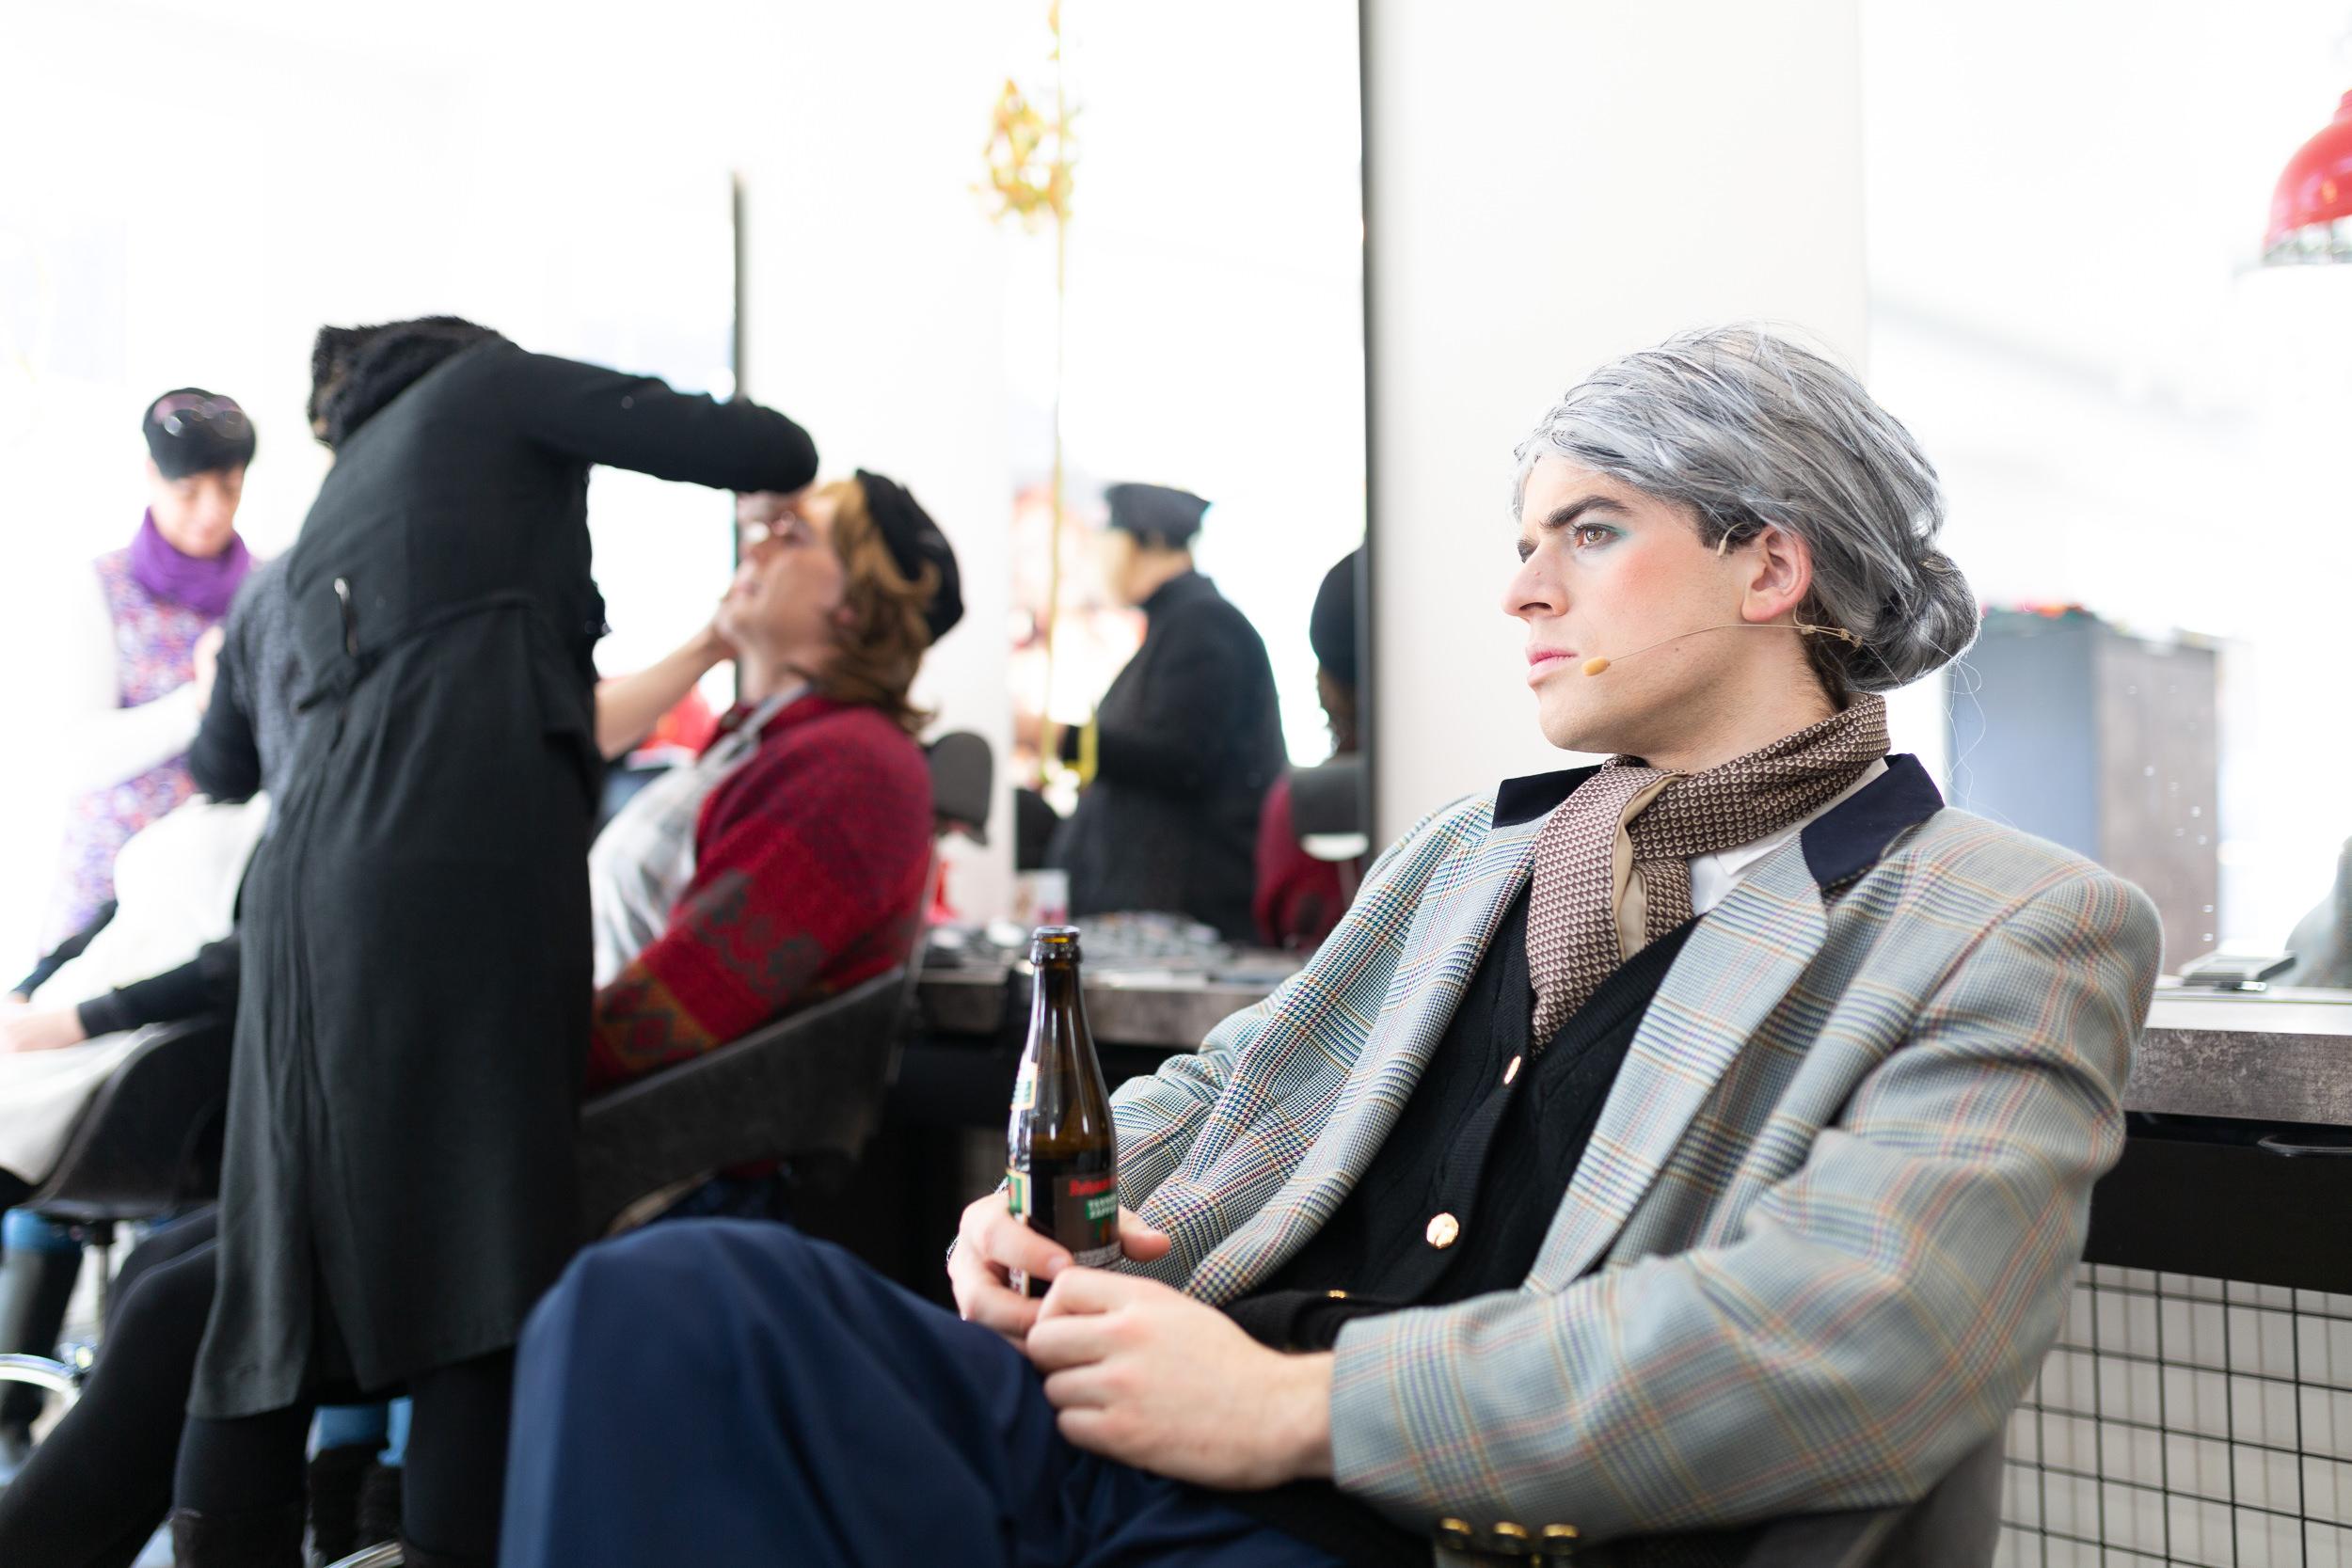 Die Fasnetsspieler bei den Vorbereitungen im Friseursalon Maier.